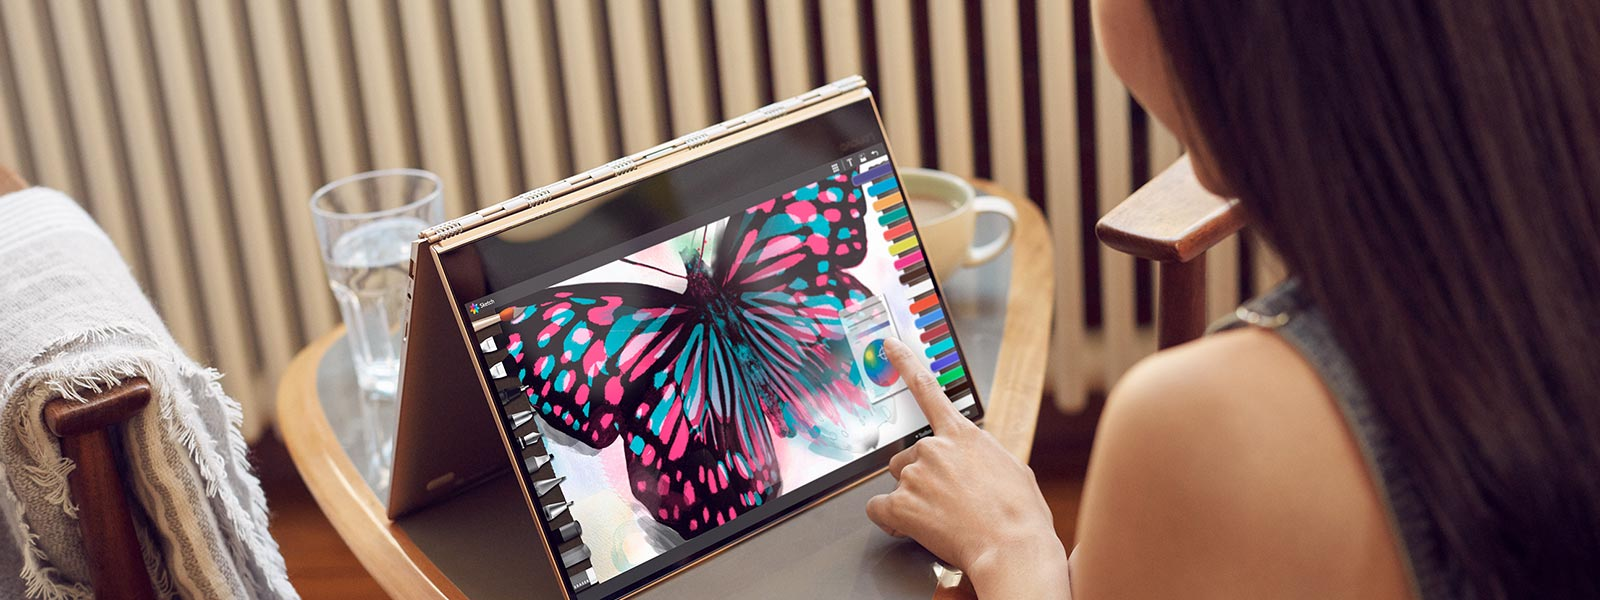 Женщина использует сенсорный экран Lenovo YOGA 910